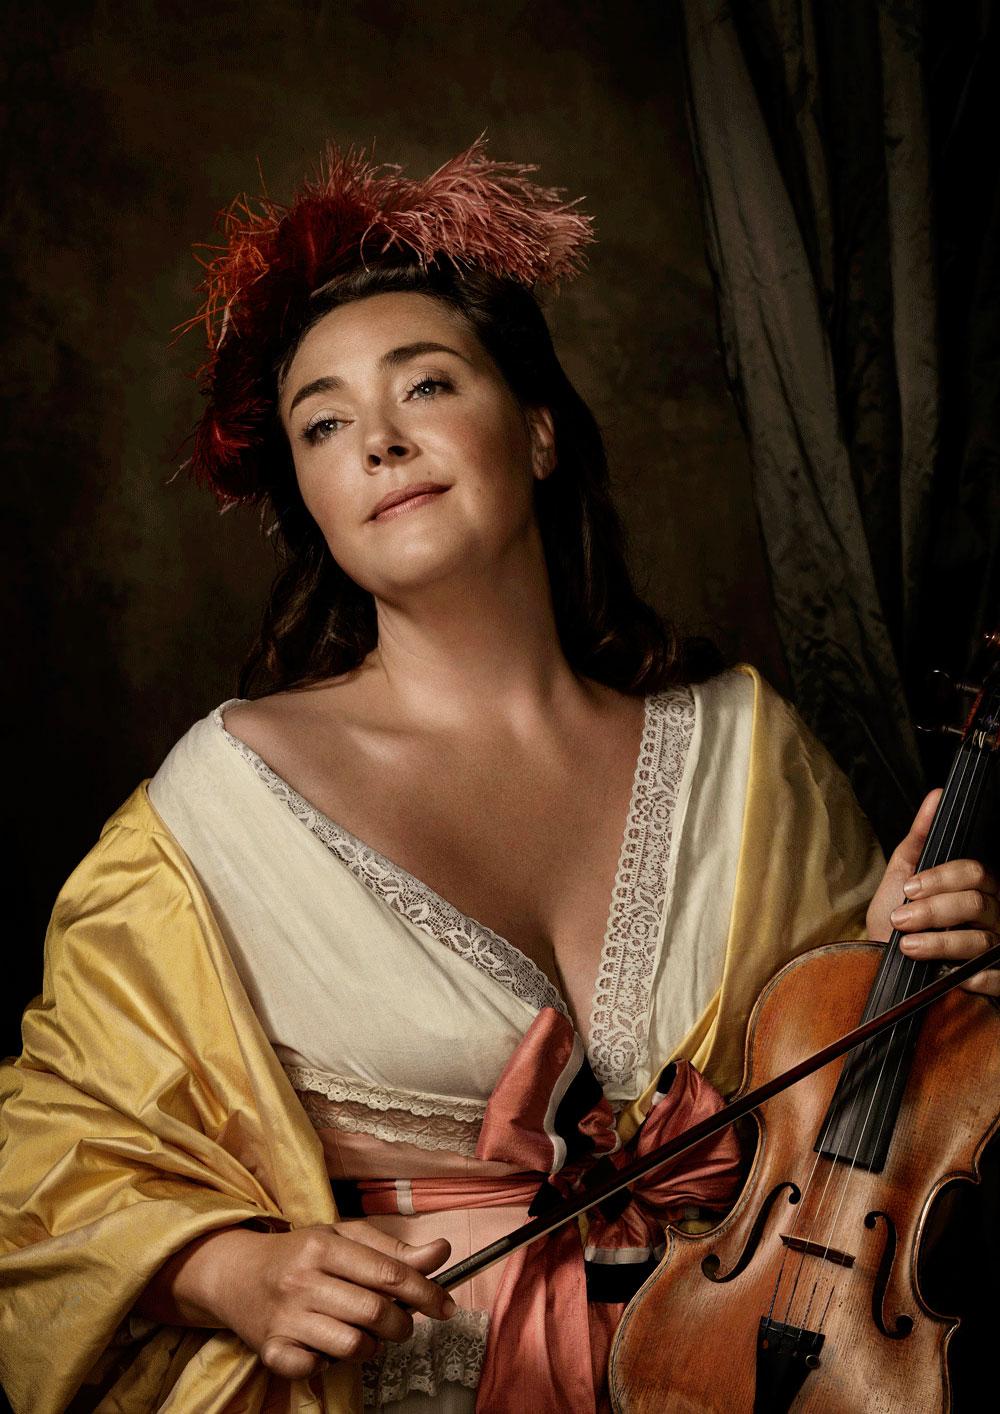 BSI_Violin-Player